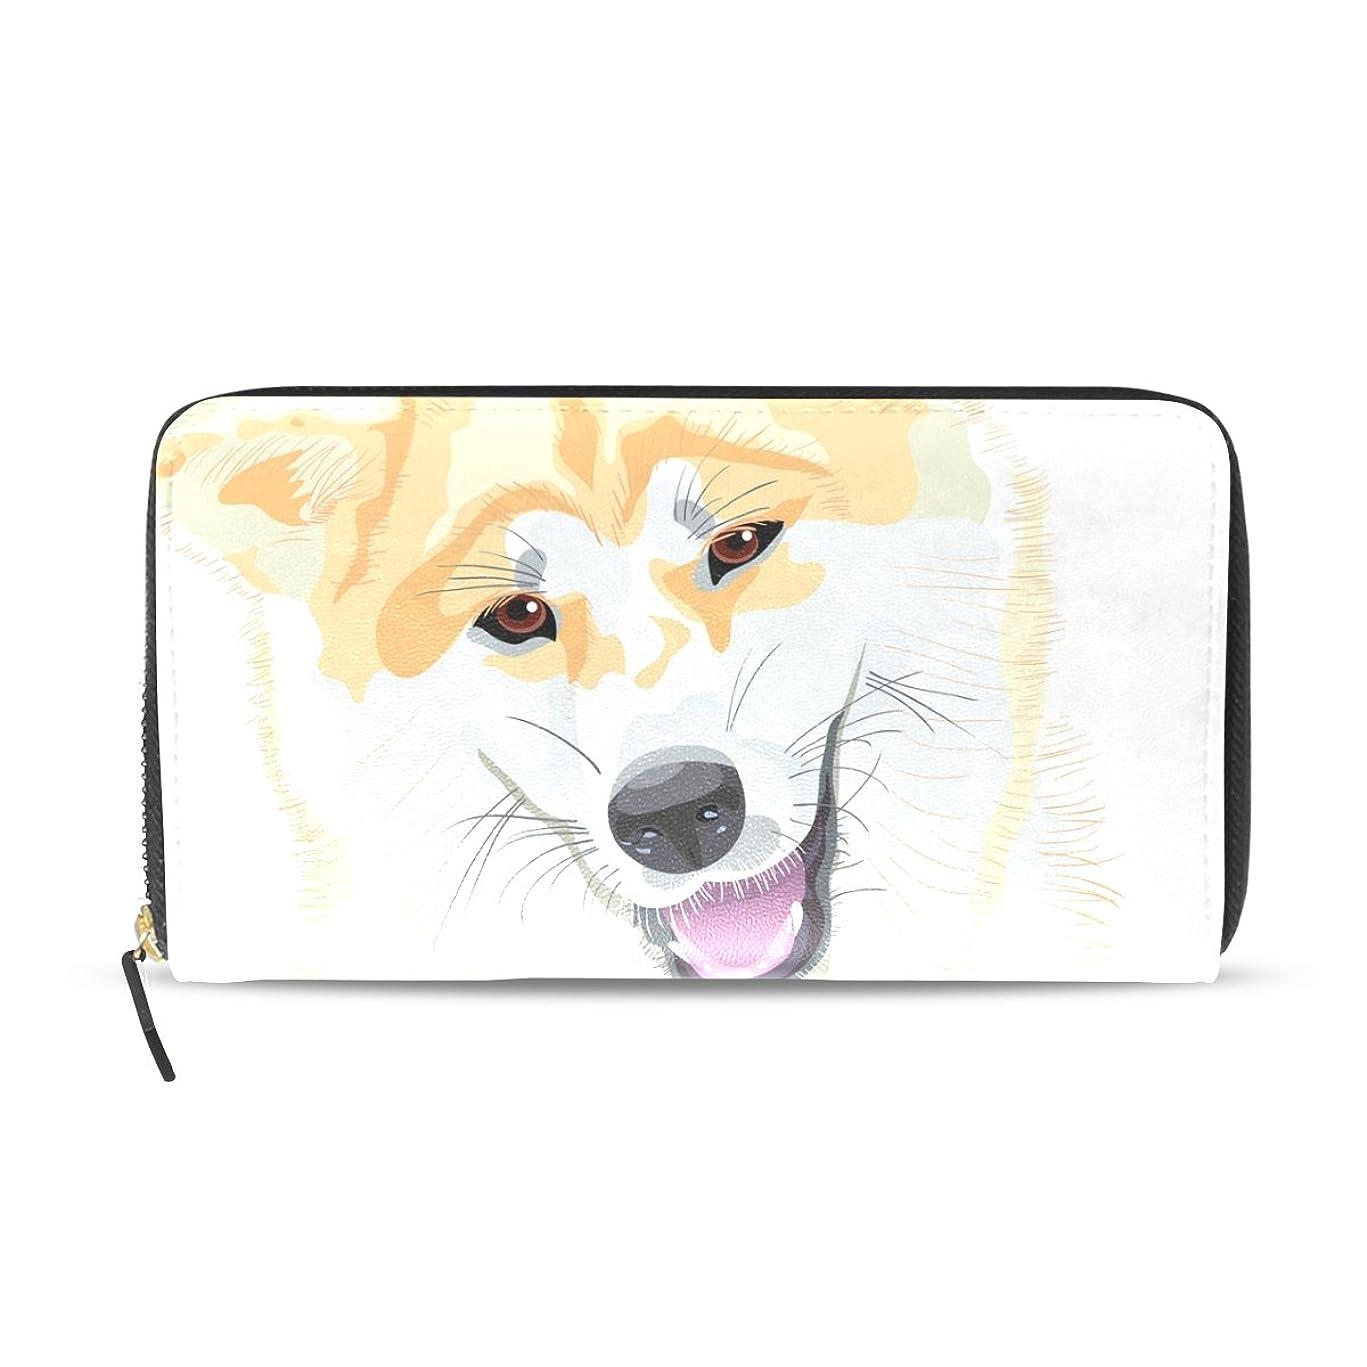 軍団カートンのれんAOMOKI 長財布 財布 レディース 大容量 PUレザー 幅20*丈11cm あきたいぬ 犬柄 可愛い